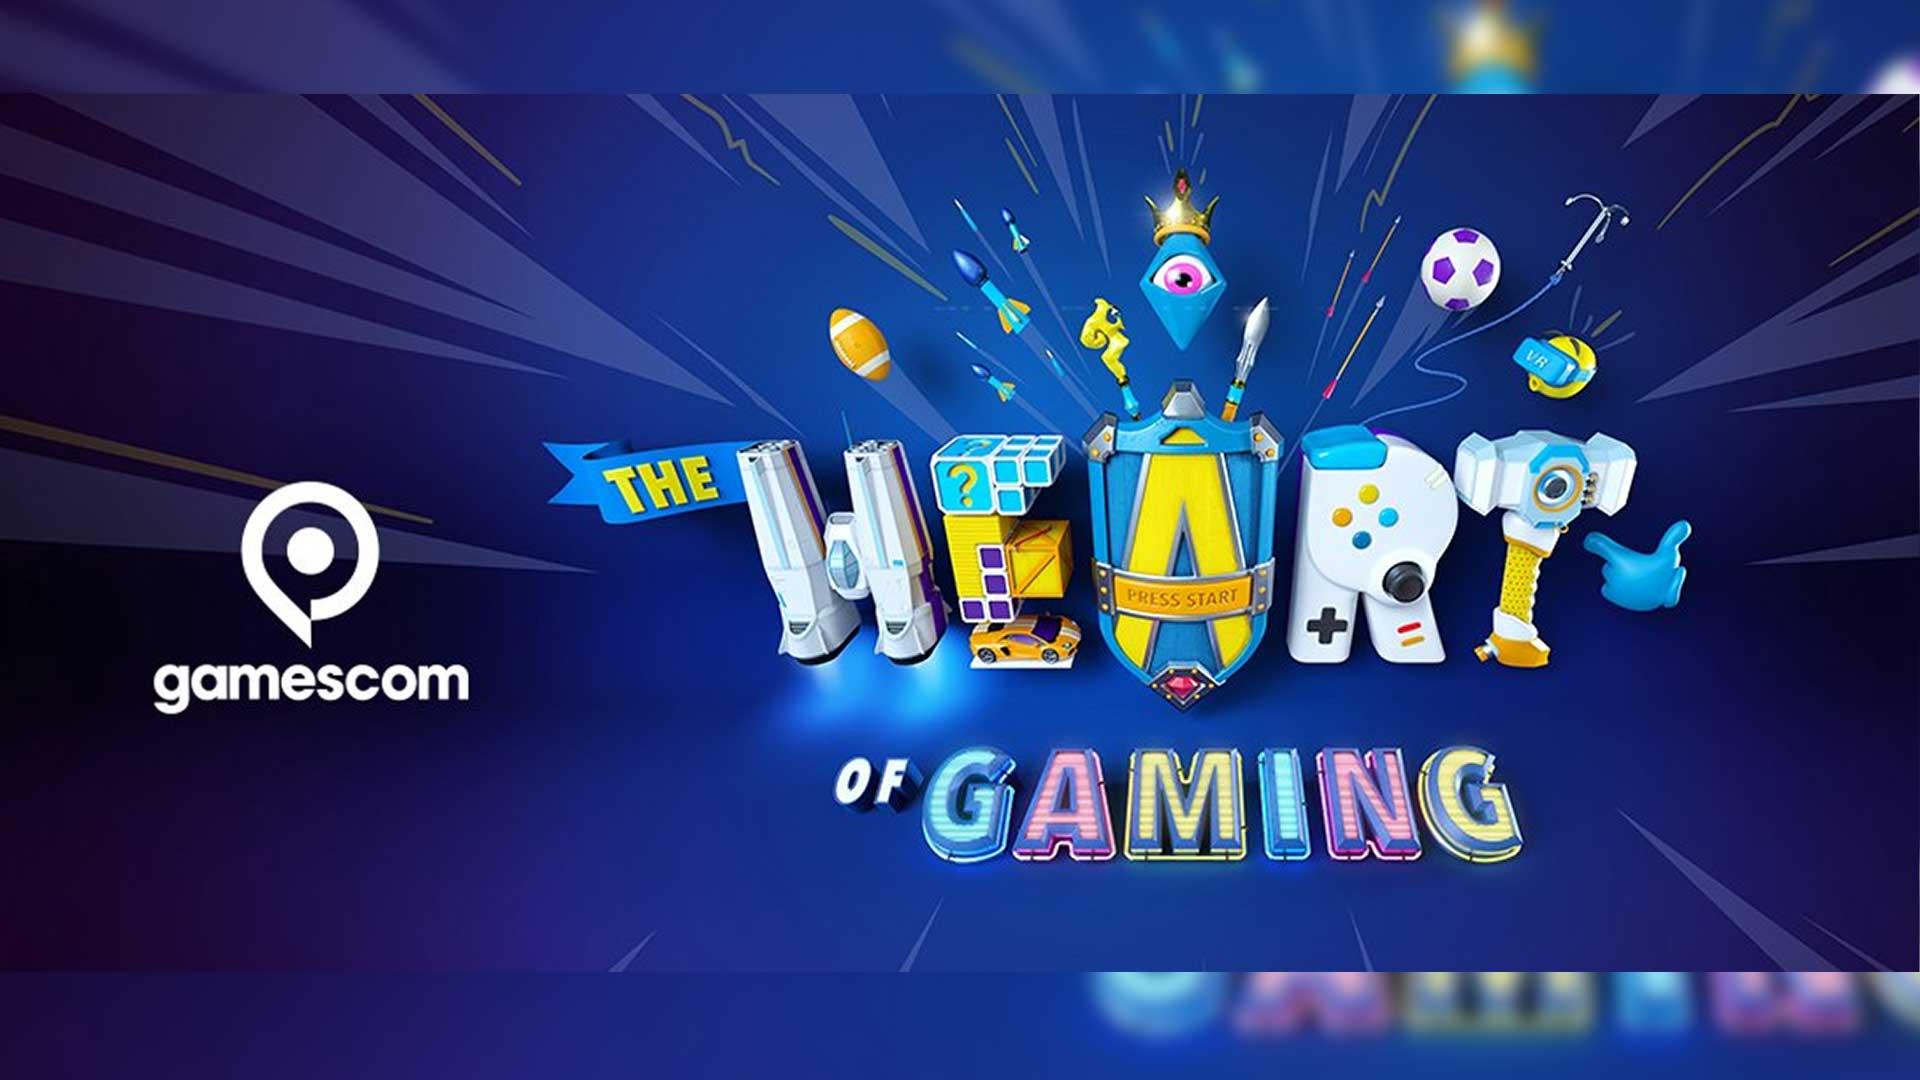 gamescom award 2020